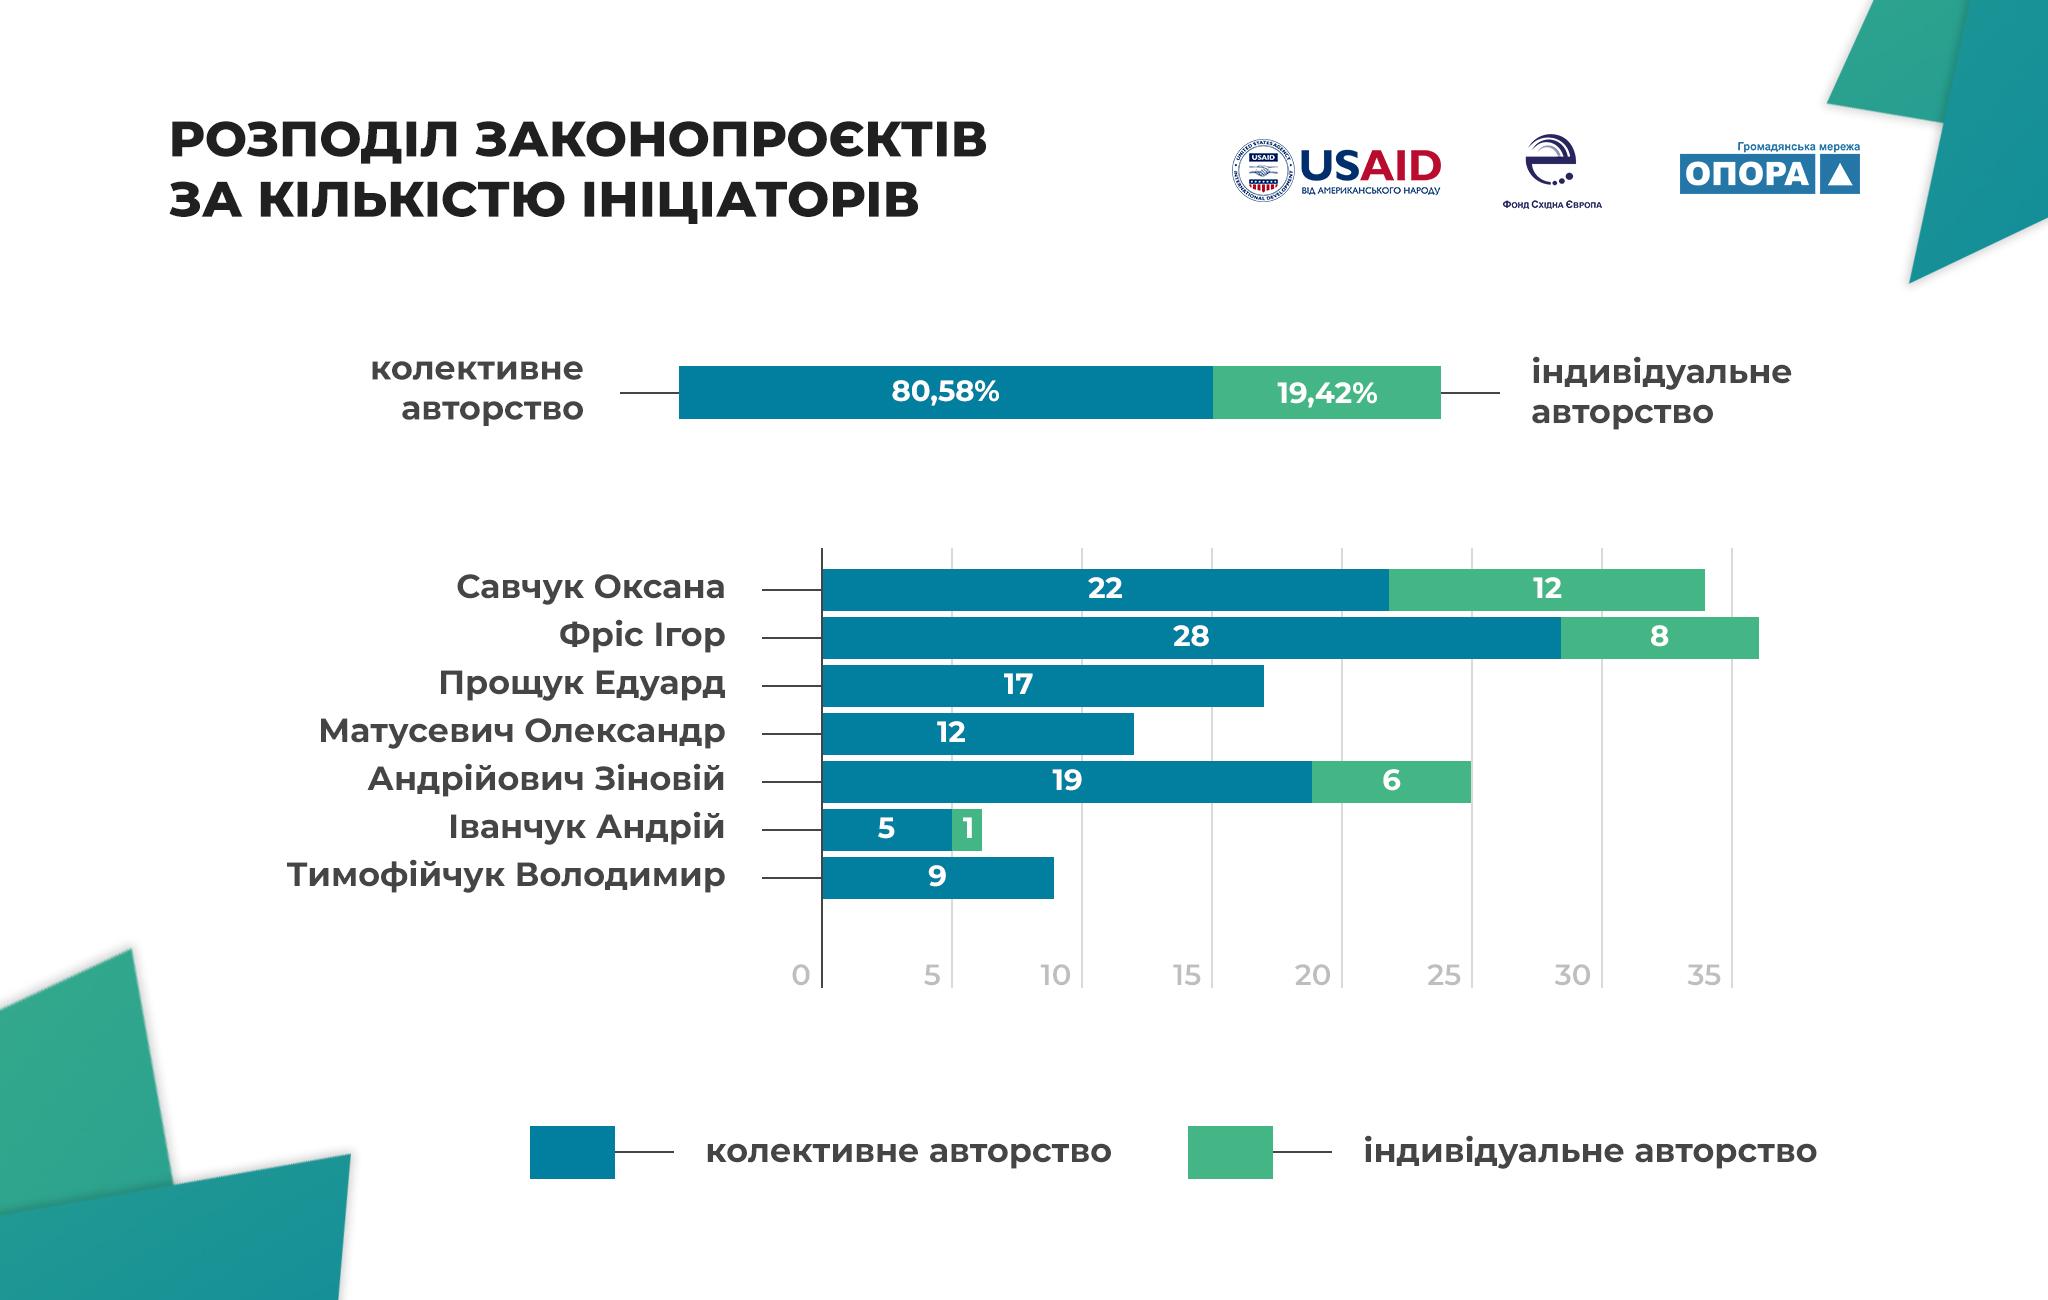 Законотворча активність і тематичні  пріоритети мажоритарників Івано-Франківщини 2